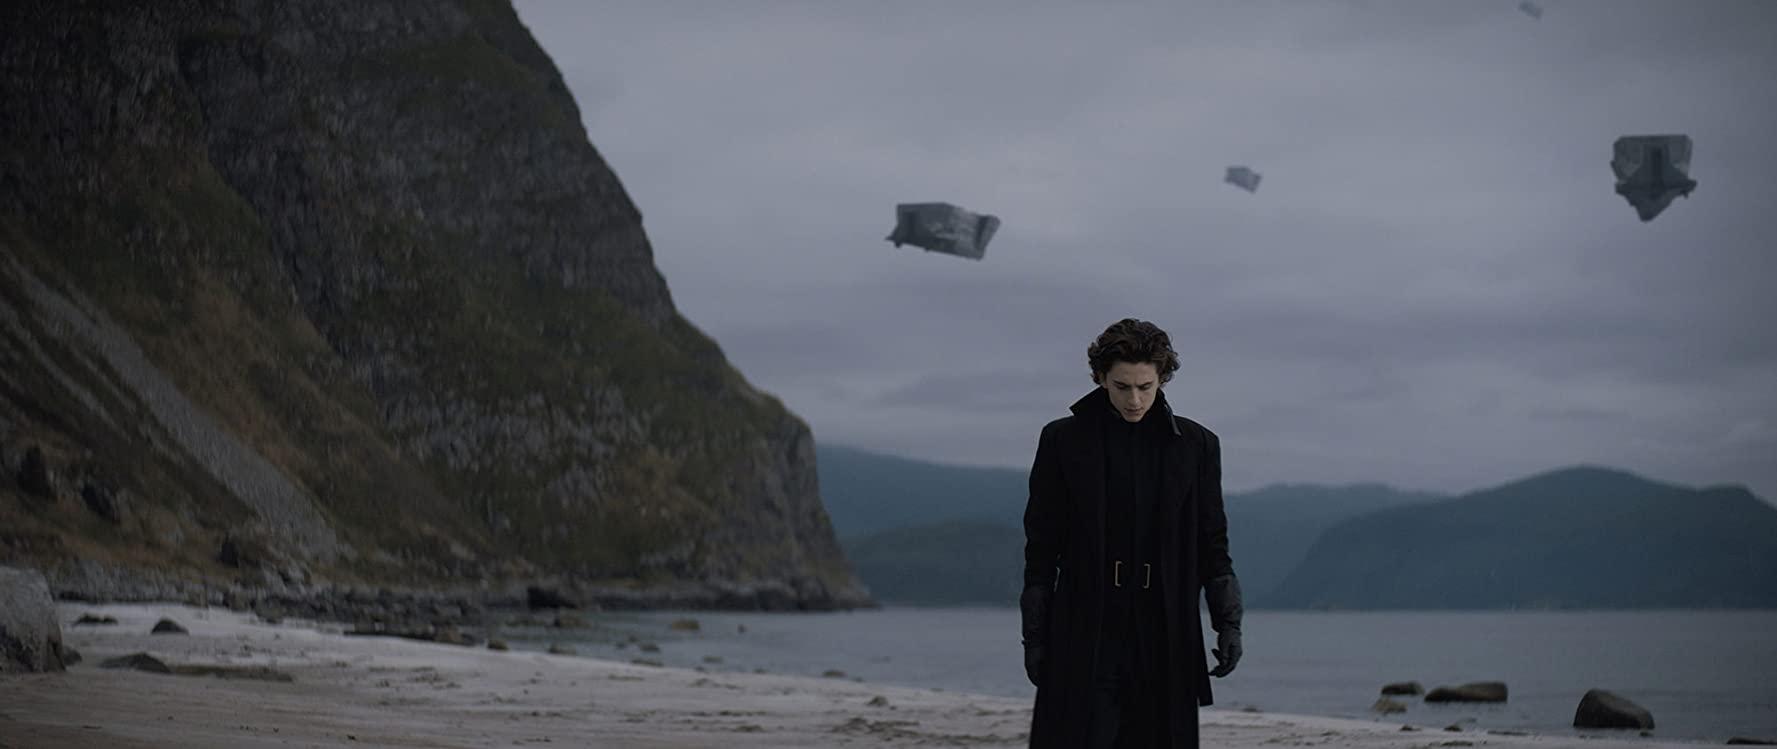 Timothee Chalamet in Dune 2020